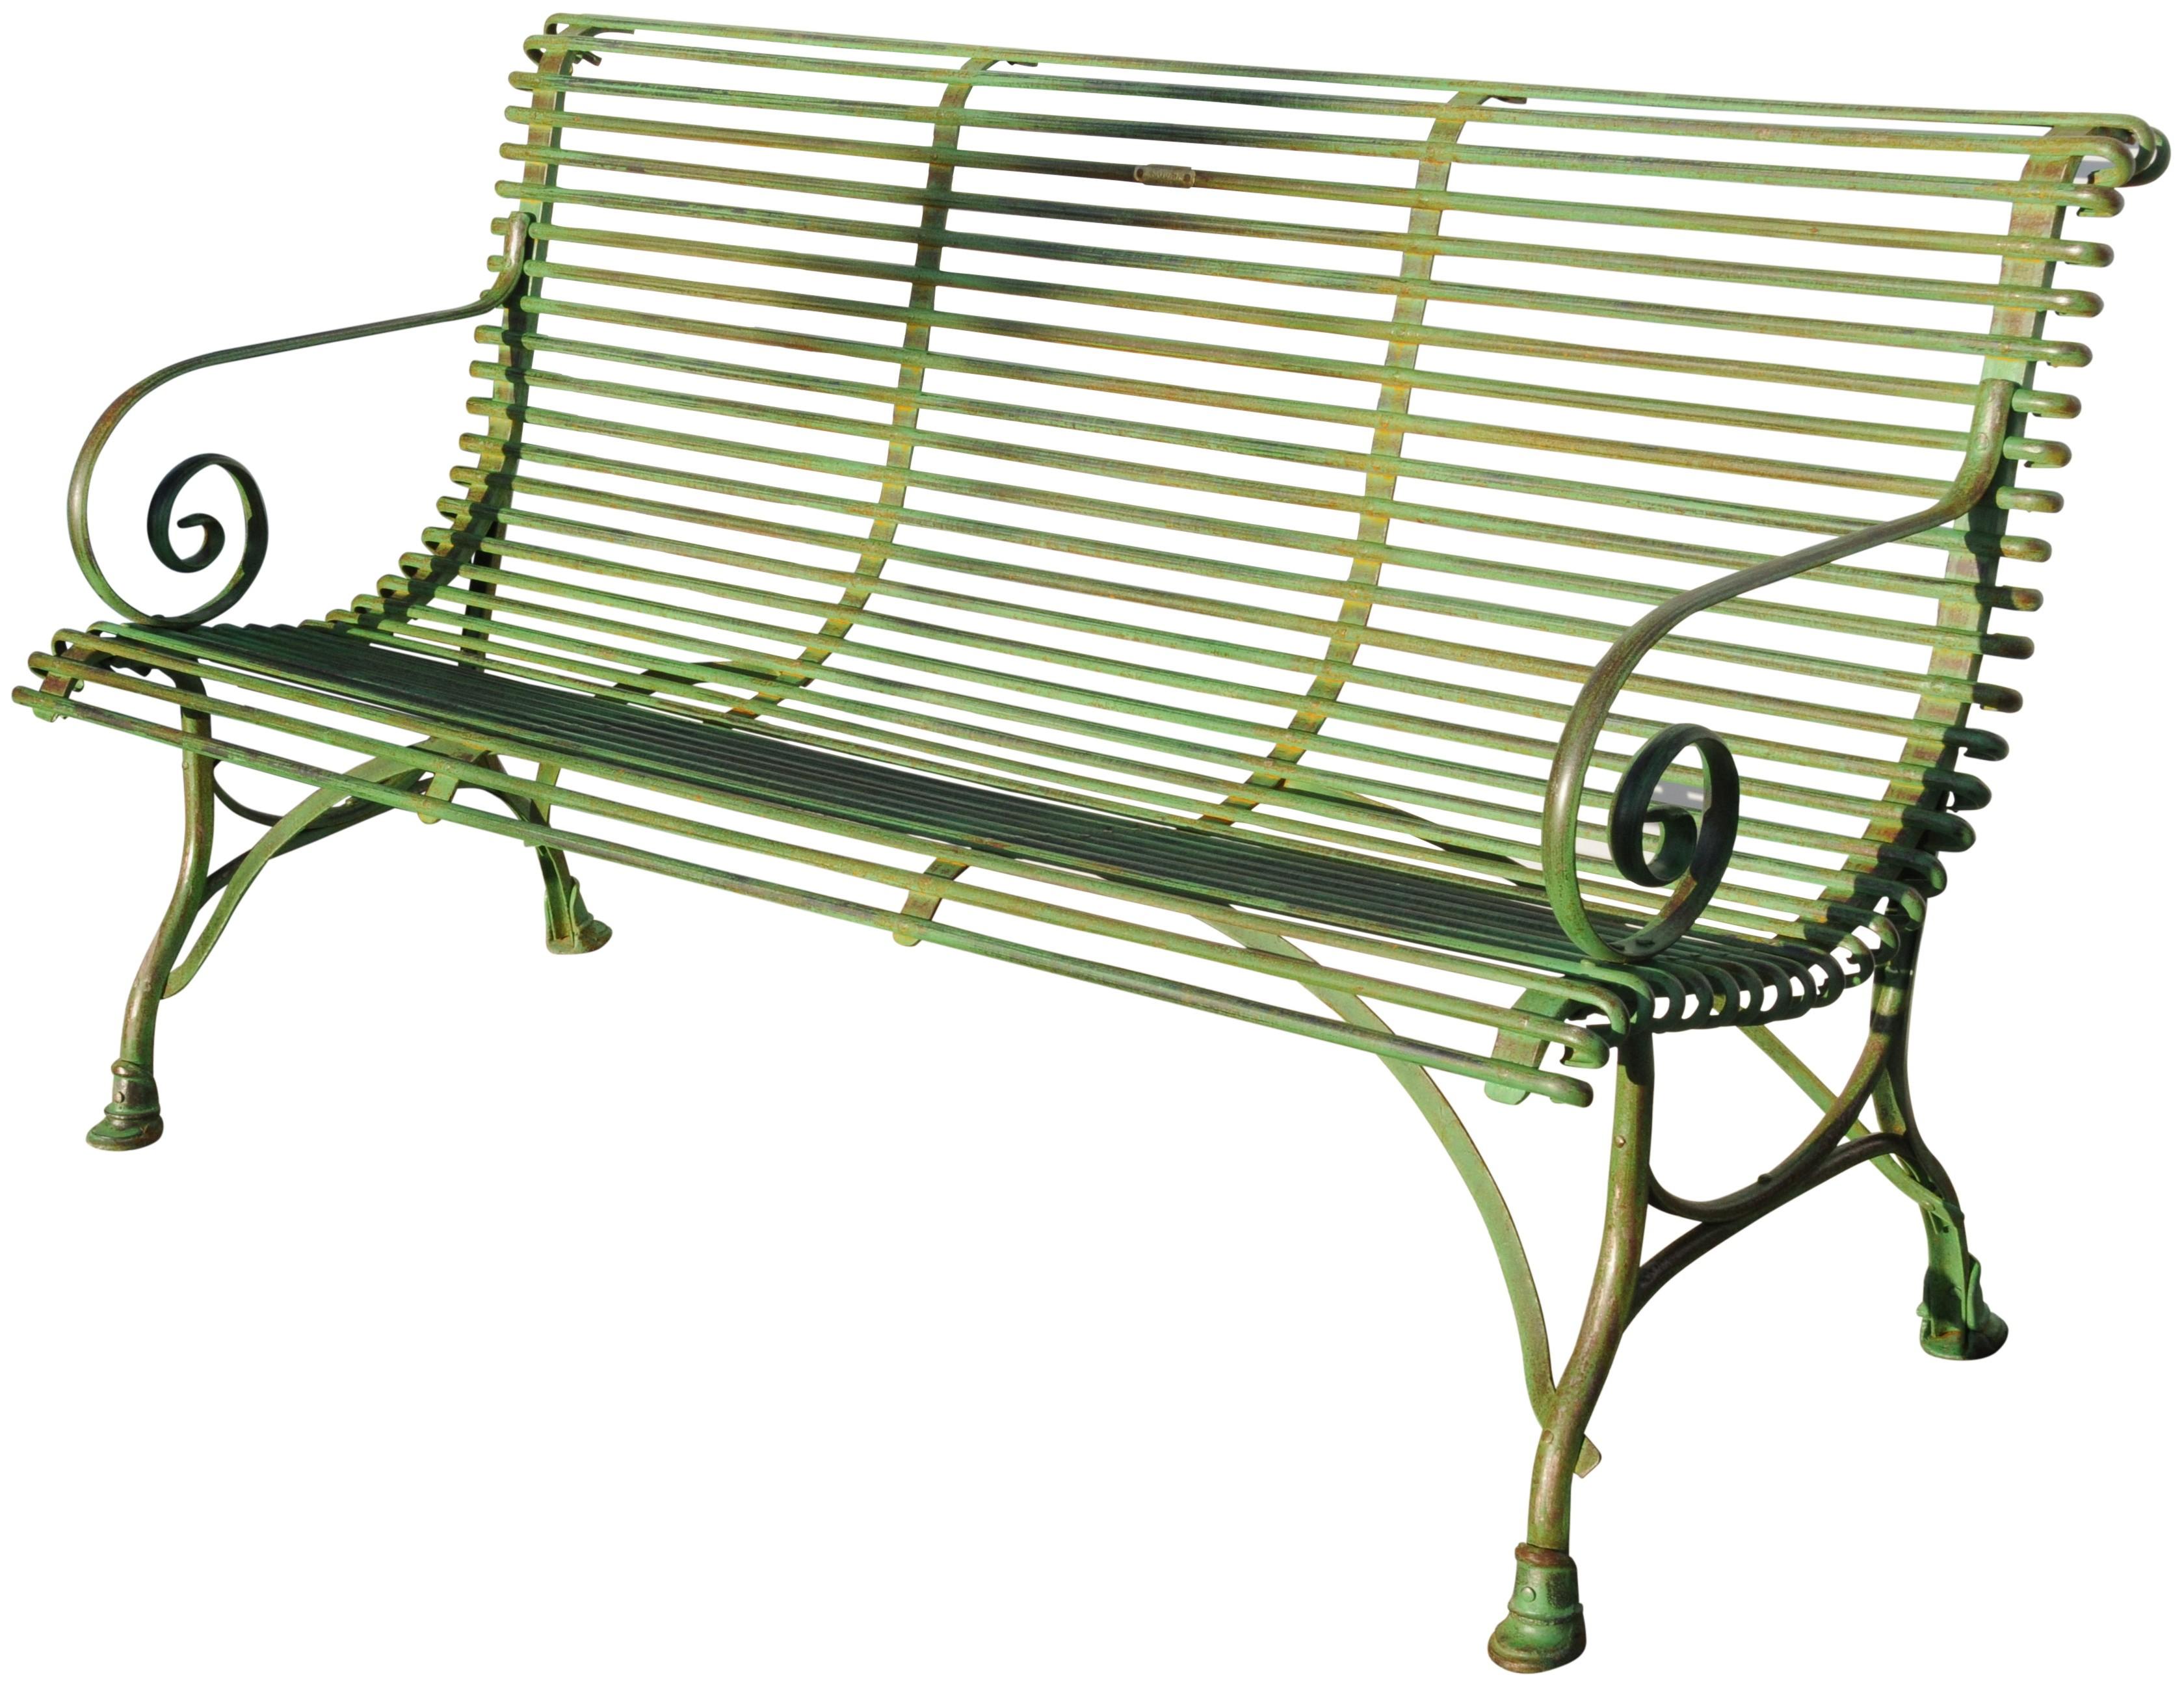 Panchina 148 cm in ferro battuto a 3 posti